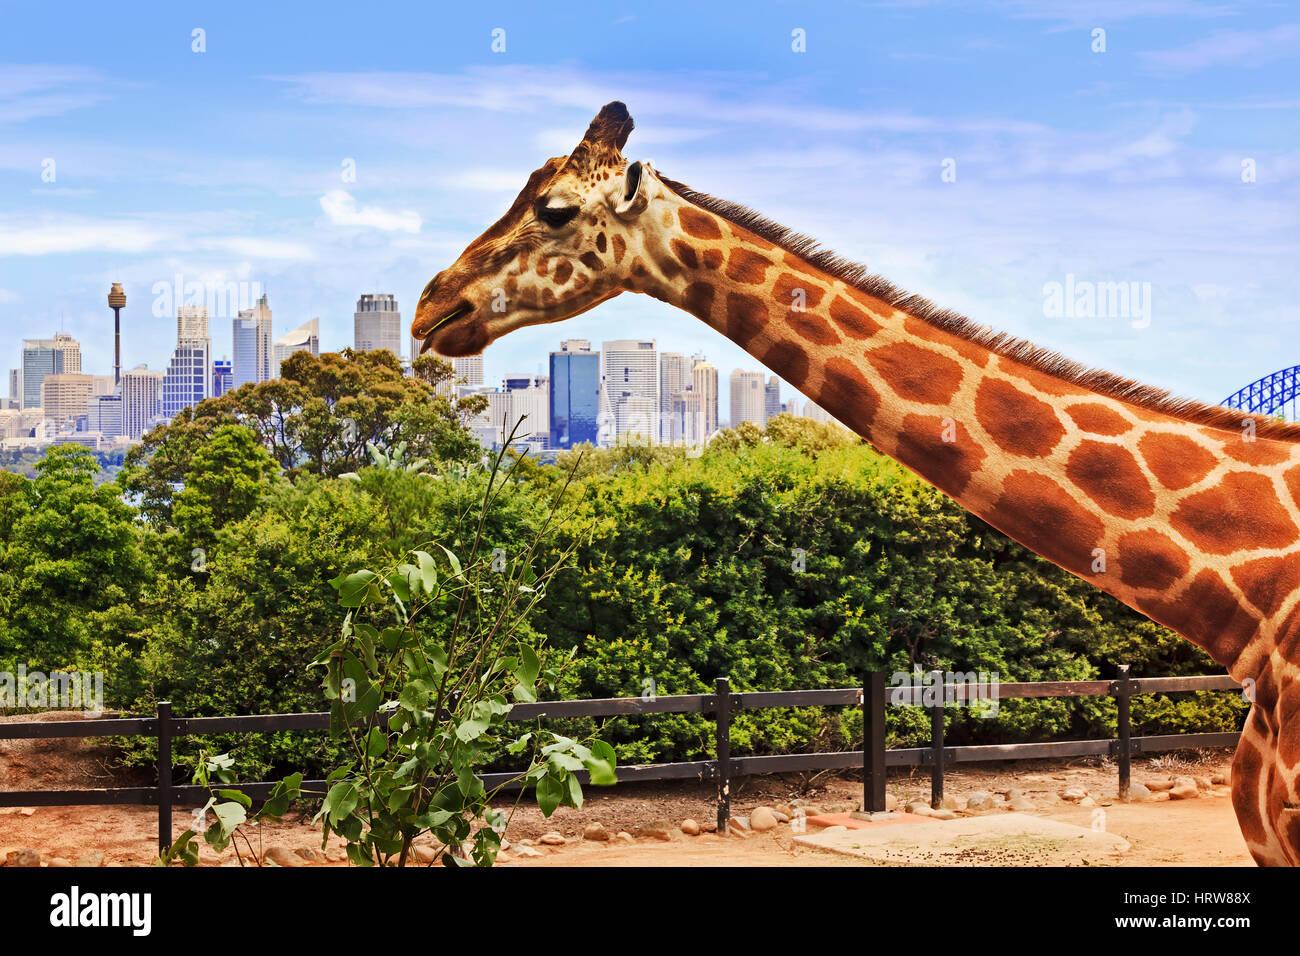 Giraffe Kopf und langen Hals während der Fütterungszeiten erhebt sich über der Stadt Sydney CBD und Stockbild